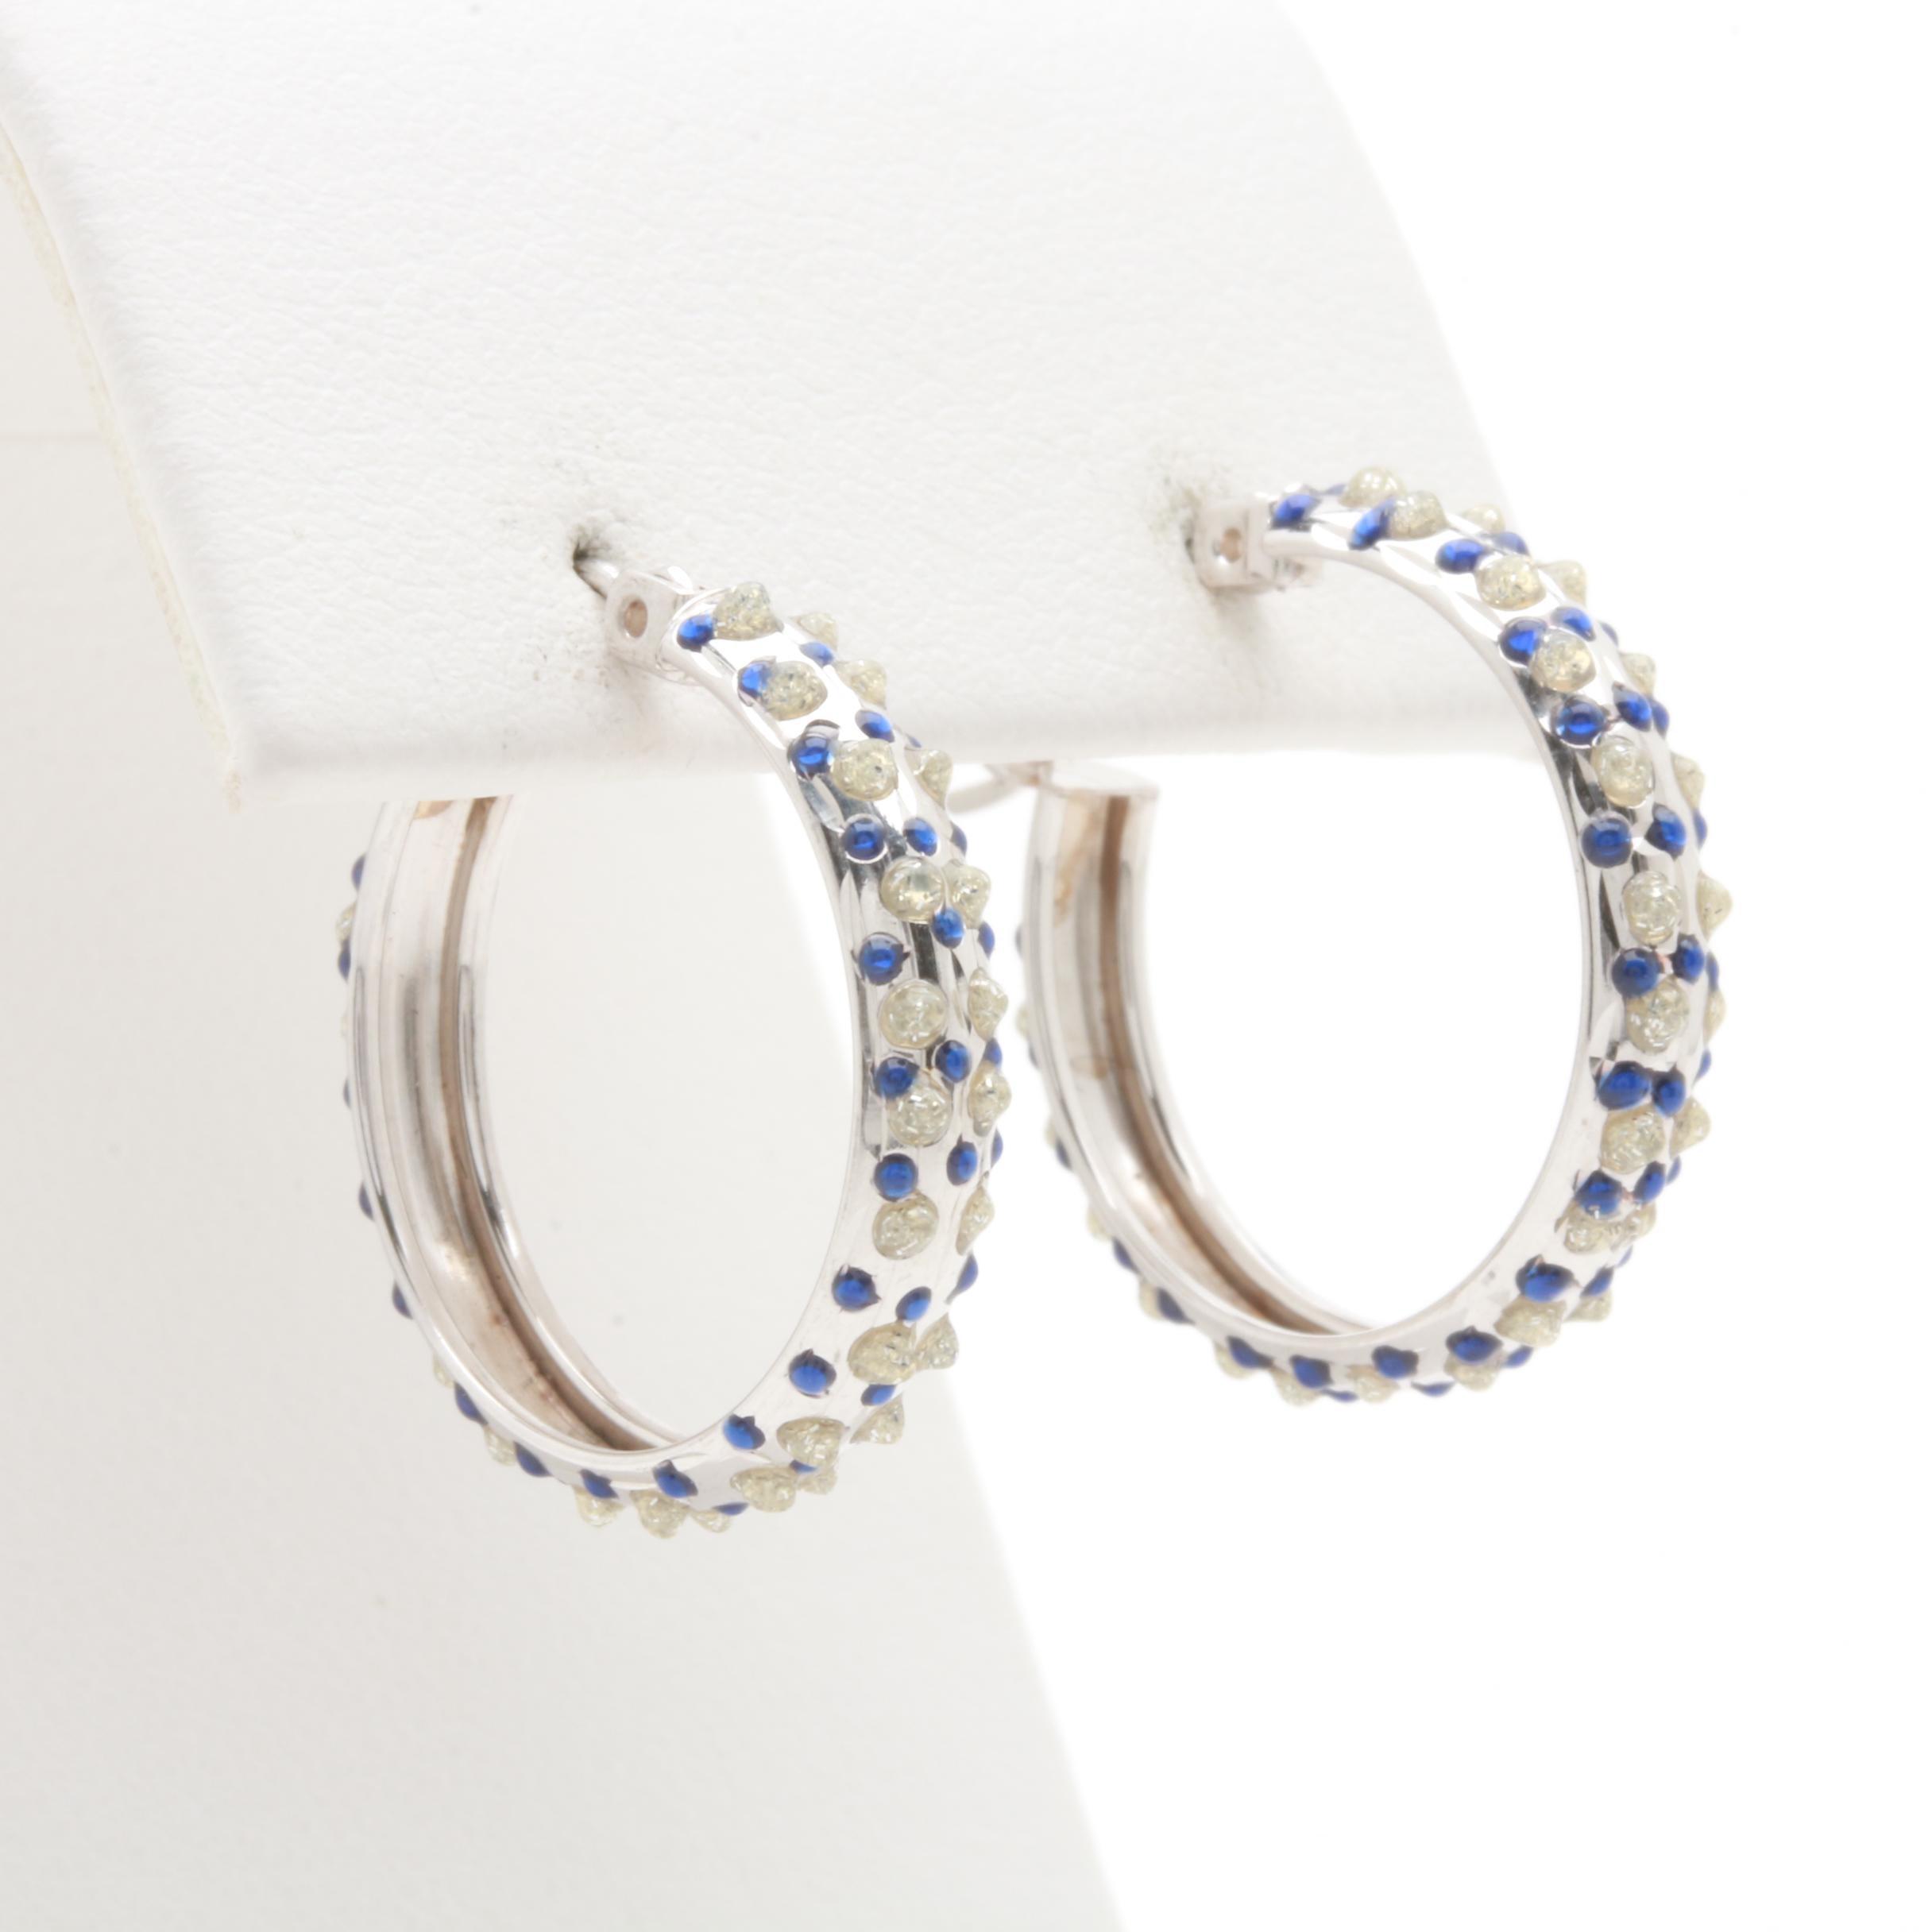 10K White Gold Resin Hoop Earrings